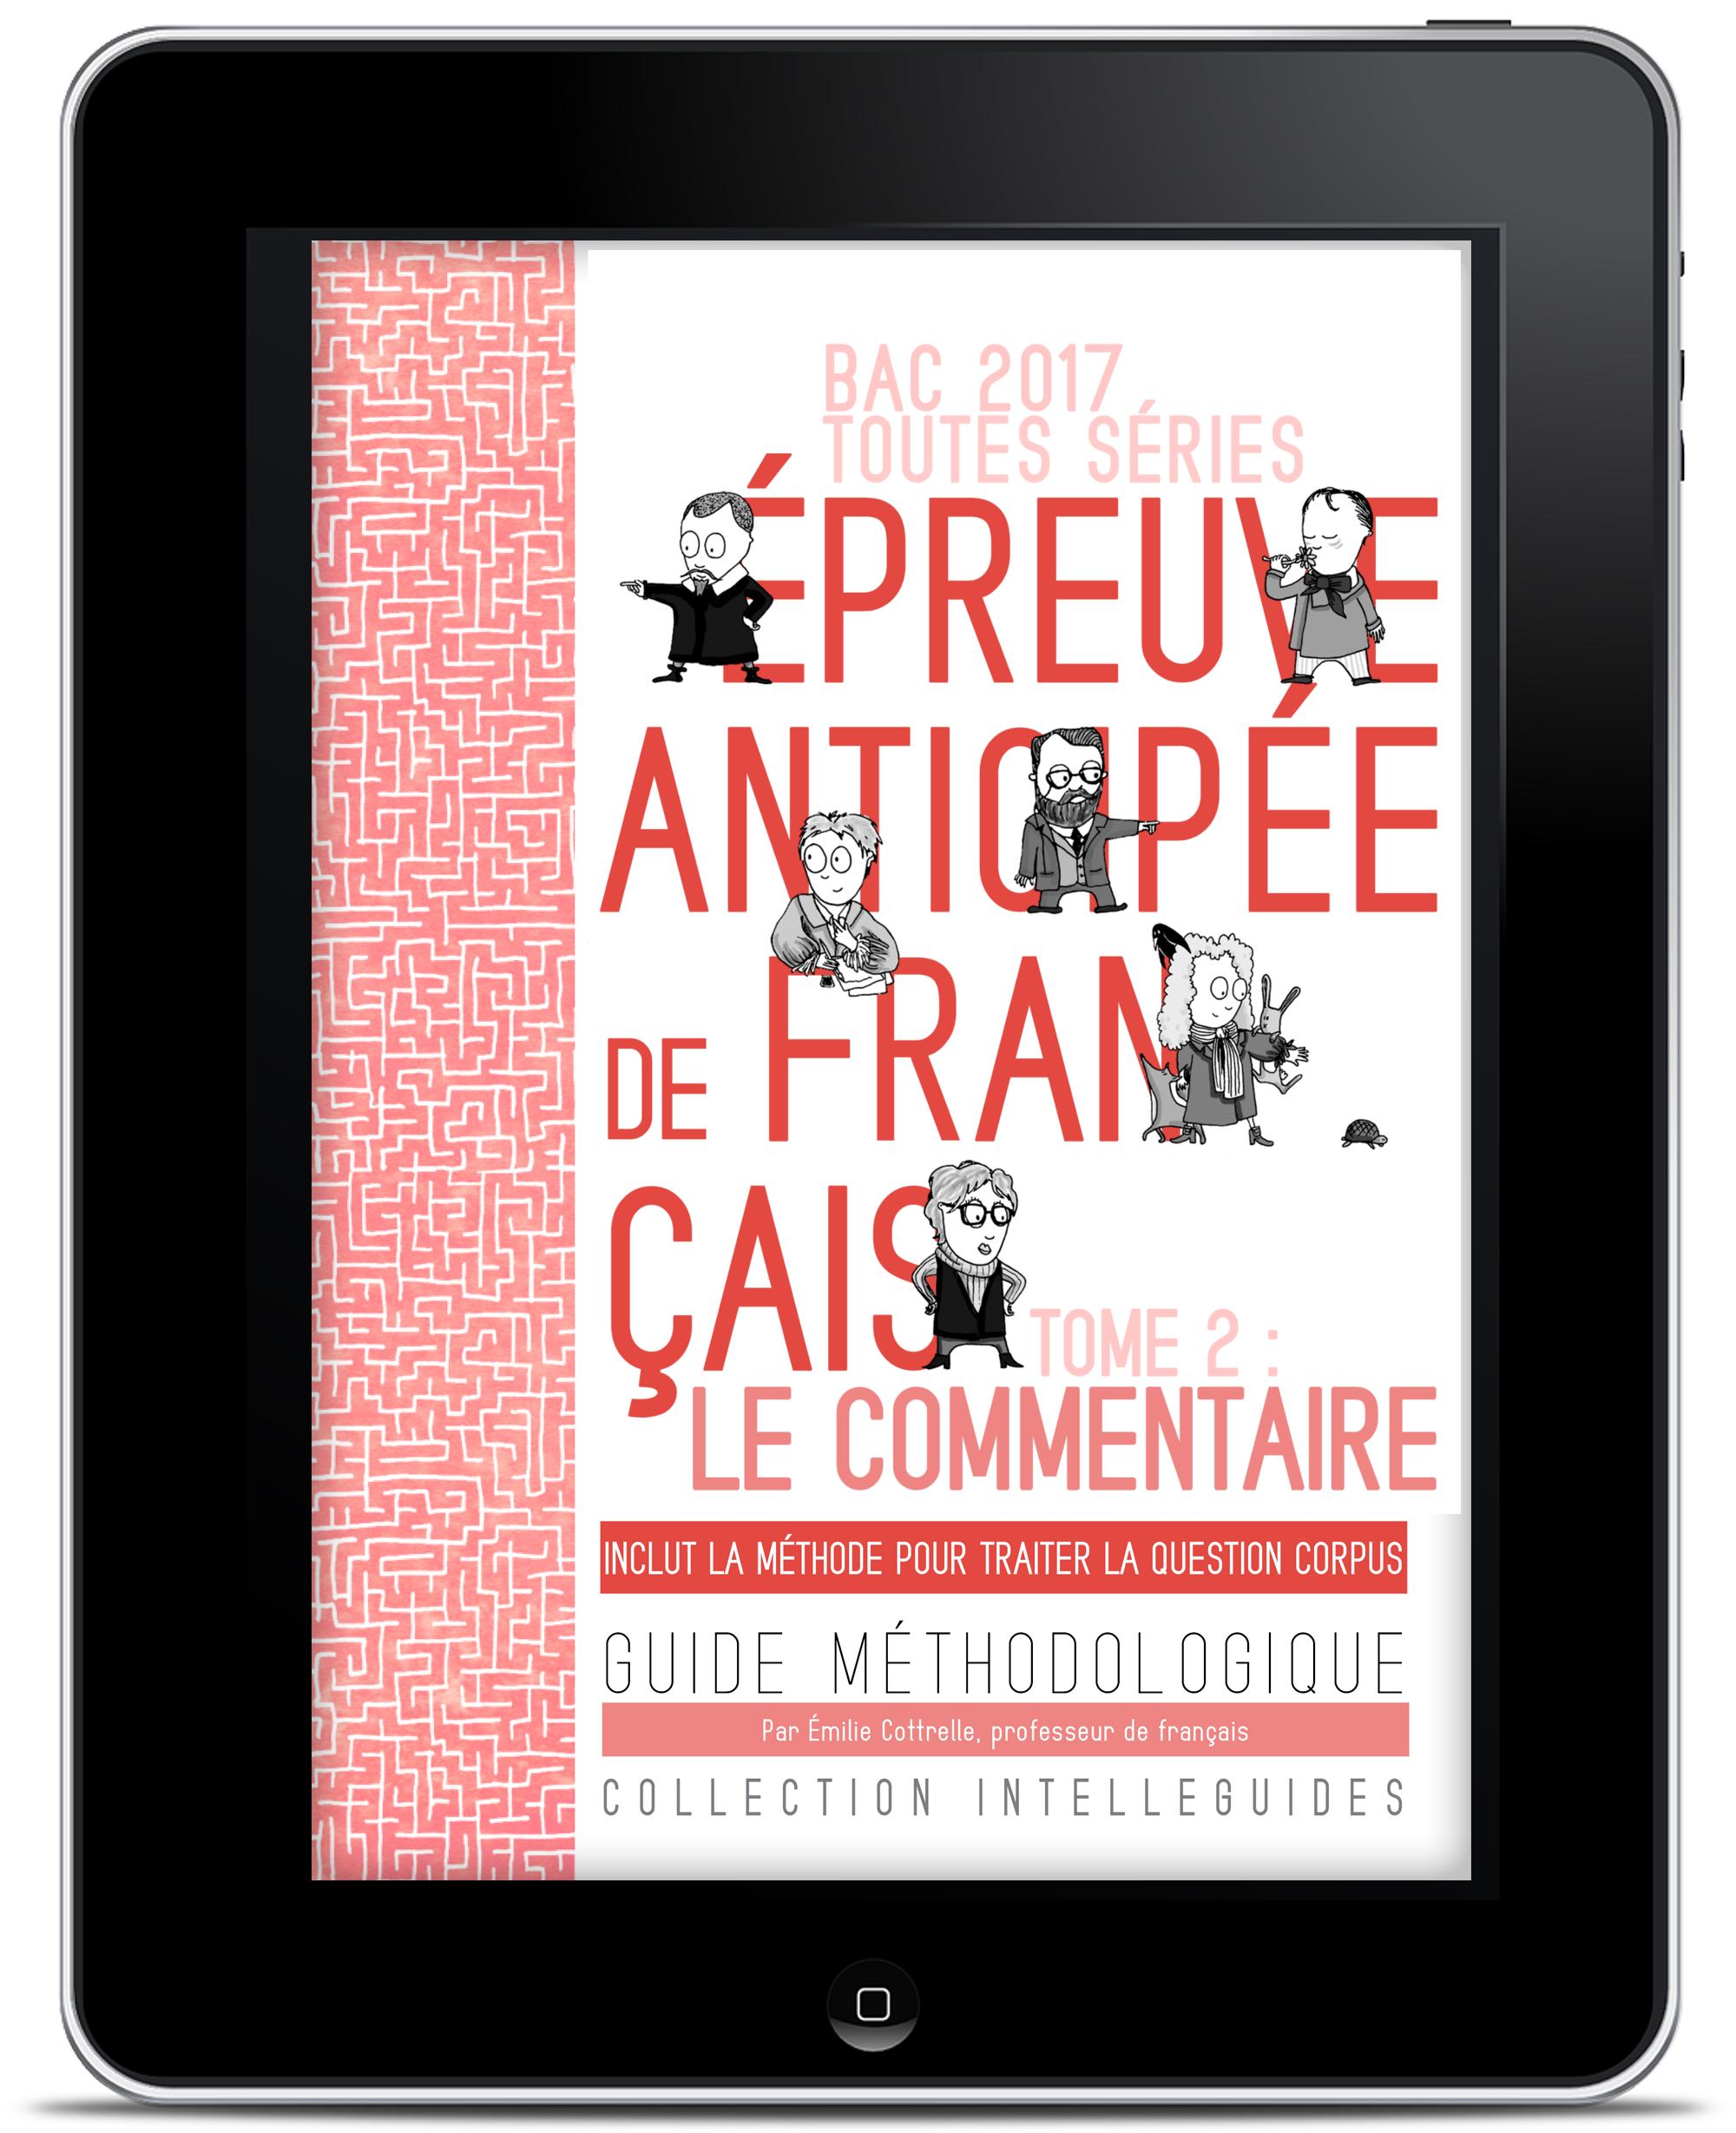 Comment faire un commentaire de texte pour le BAC de français